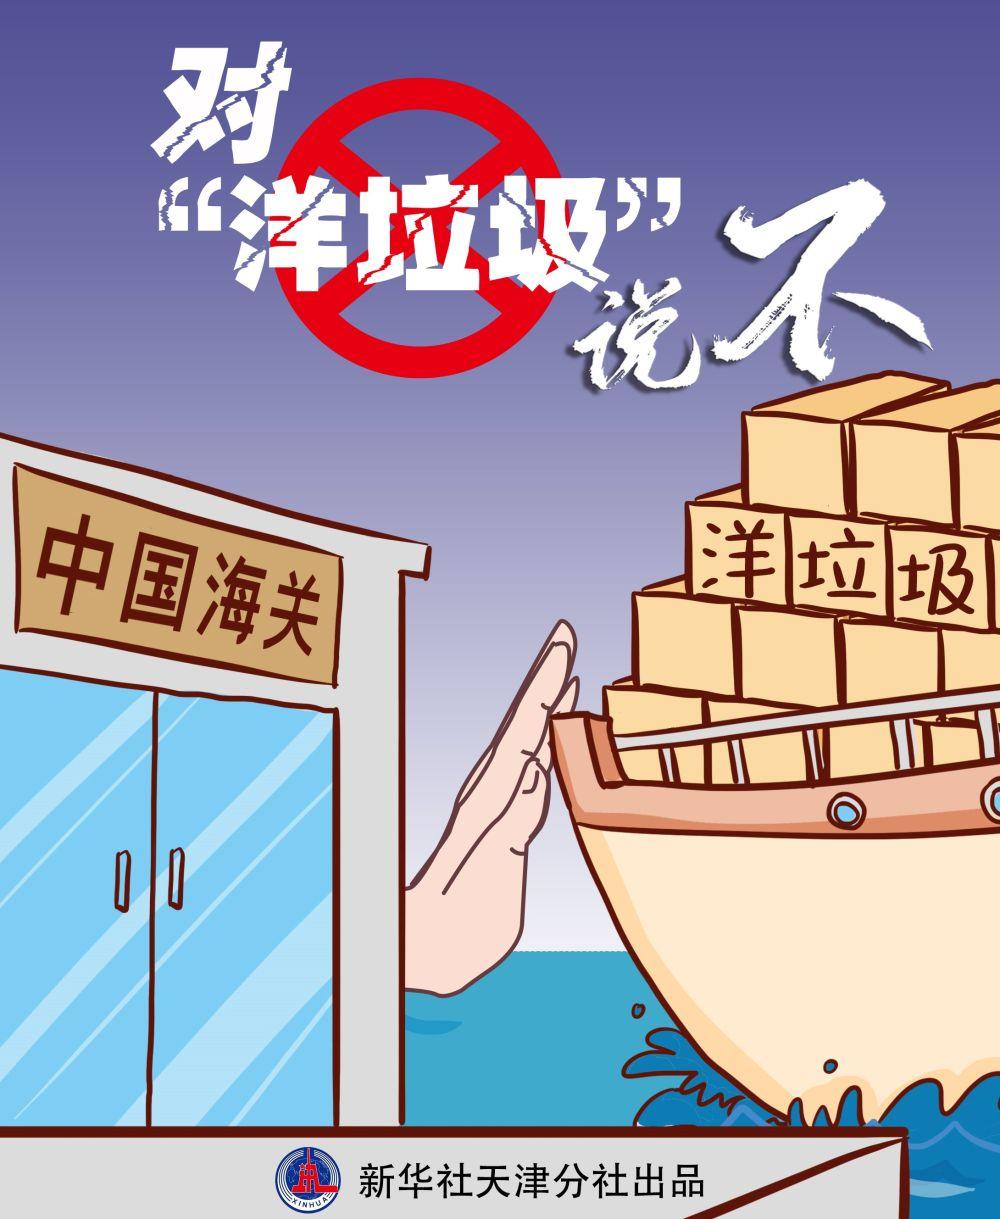 海报制作:方金洋